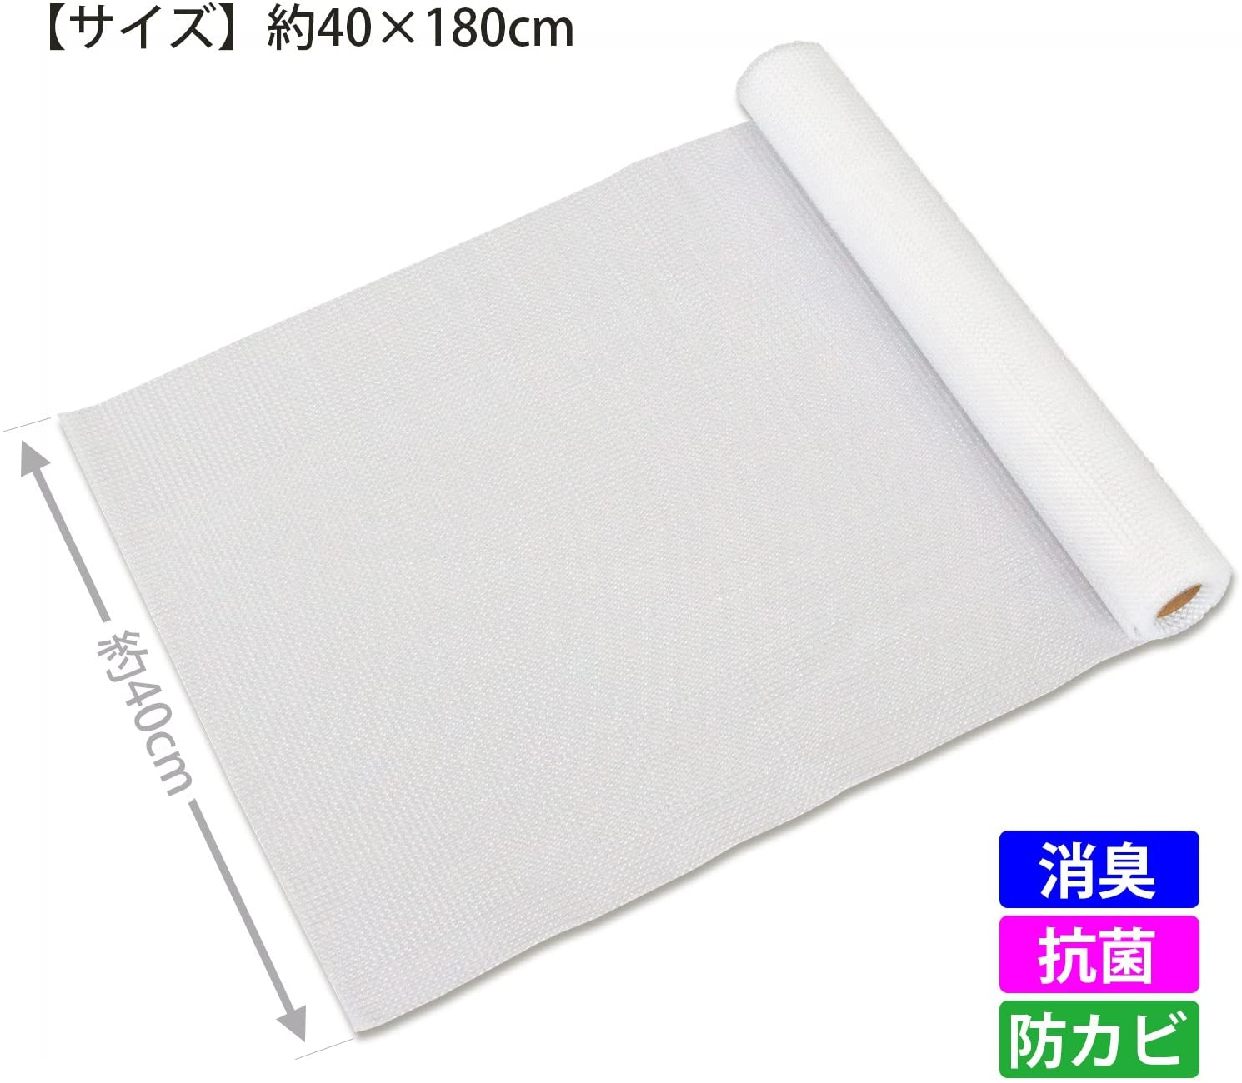 日泉ポリテック(にっせんぽりてっく)透明エンボスシート 40×180cmの商品画像2